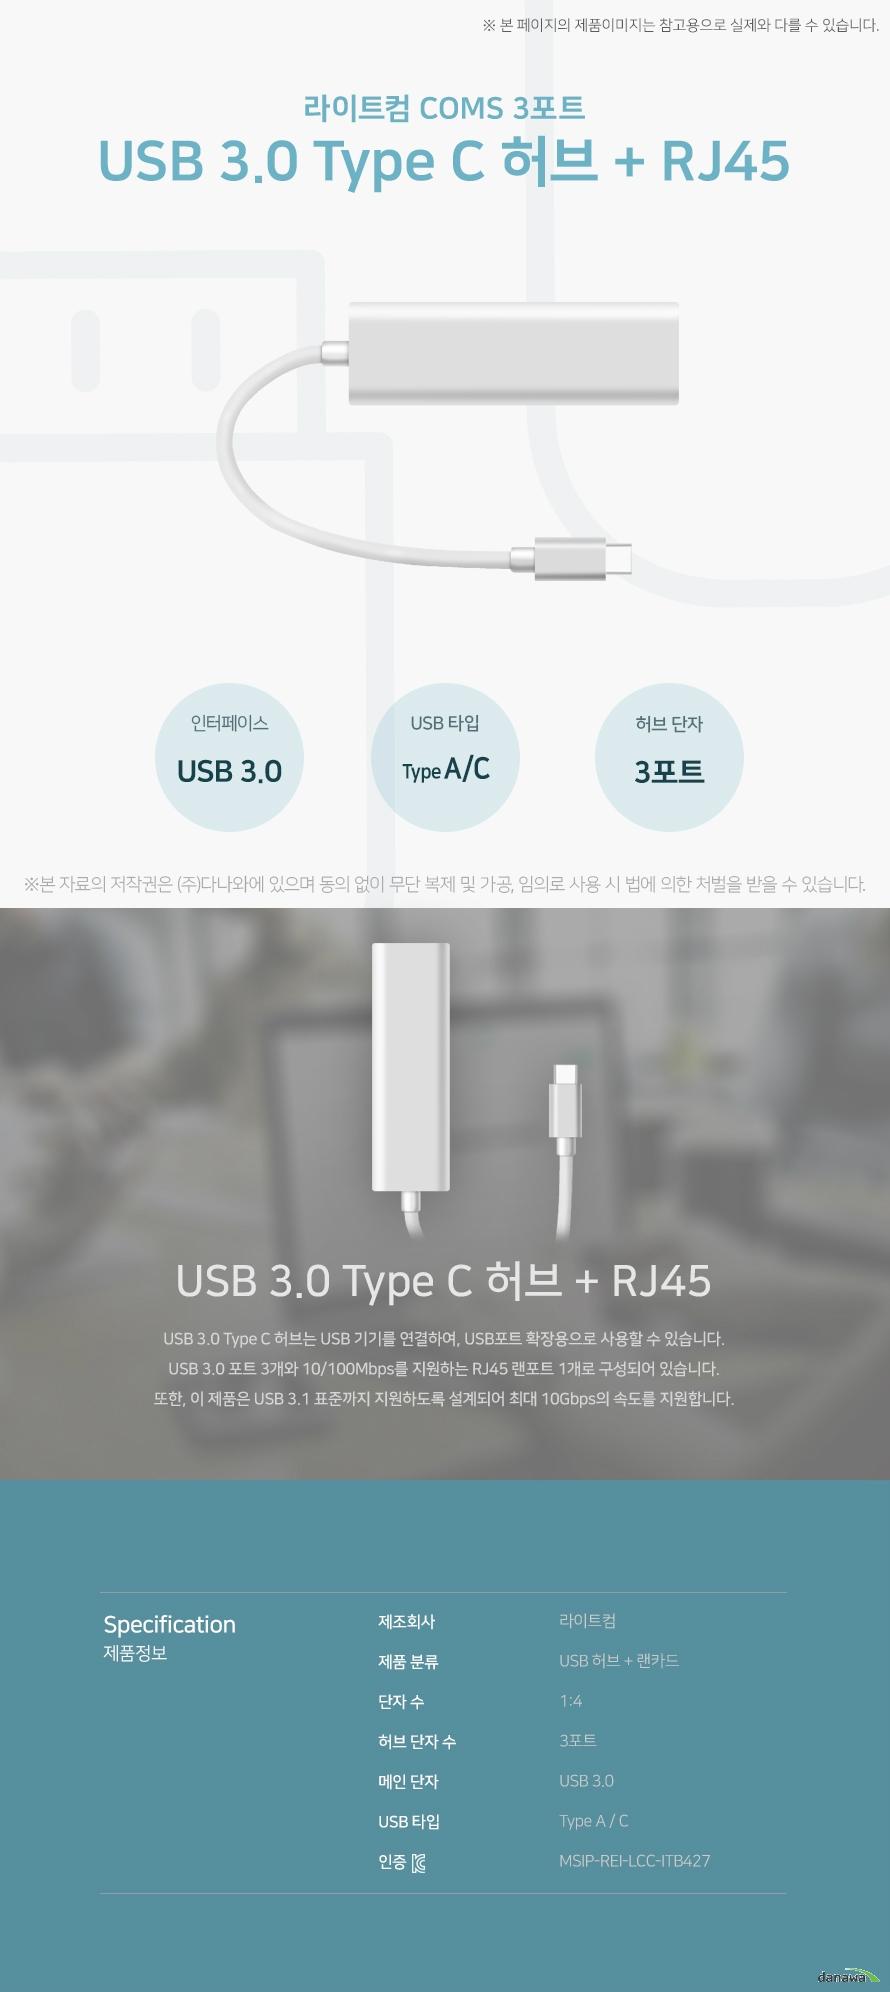 라이트컴 컴스 3포트 USB 3.0 Type C 허브 + RJ45 USB 3.0 Type C 허브 + RJ45 USB 3.0 Type C 허브는 USB 기기를 연결하여, USB 포트 확장용으로 사용할 수 있습니  다. USB 3.0 포트 3개와 10/100Mbps를 지원하는 RJ45 랜포트 1개로 구성되어 있습니다. 또한, 이 제품은 USB 3.1 표준까지 지원하도록 설계되어 최대 10Gbps의 속도를 지원합  니다. 스펙 제조회사 라이트컴 제품 분류 USB 허브 + 랜카드 단자 수 1:4 허브 단자 수 3포트 메인 단자 USB 3.0 USB 타입 Type A/C KC인증 MSIP-REI-LCC-ITB427